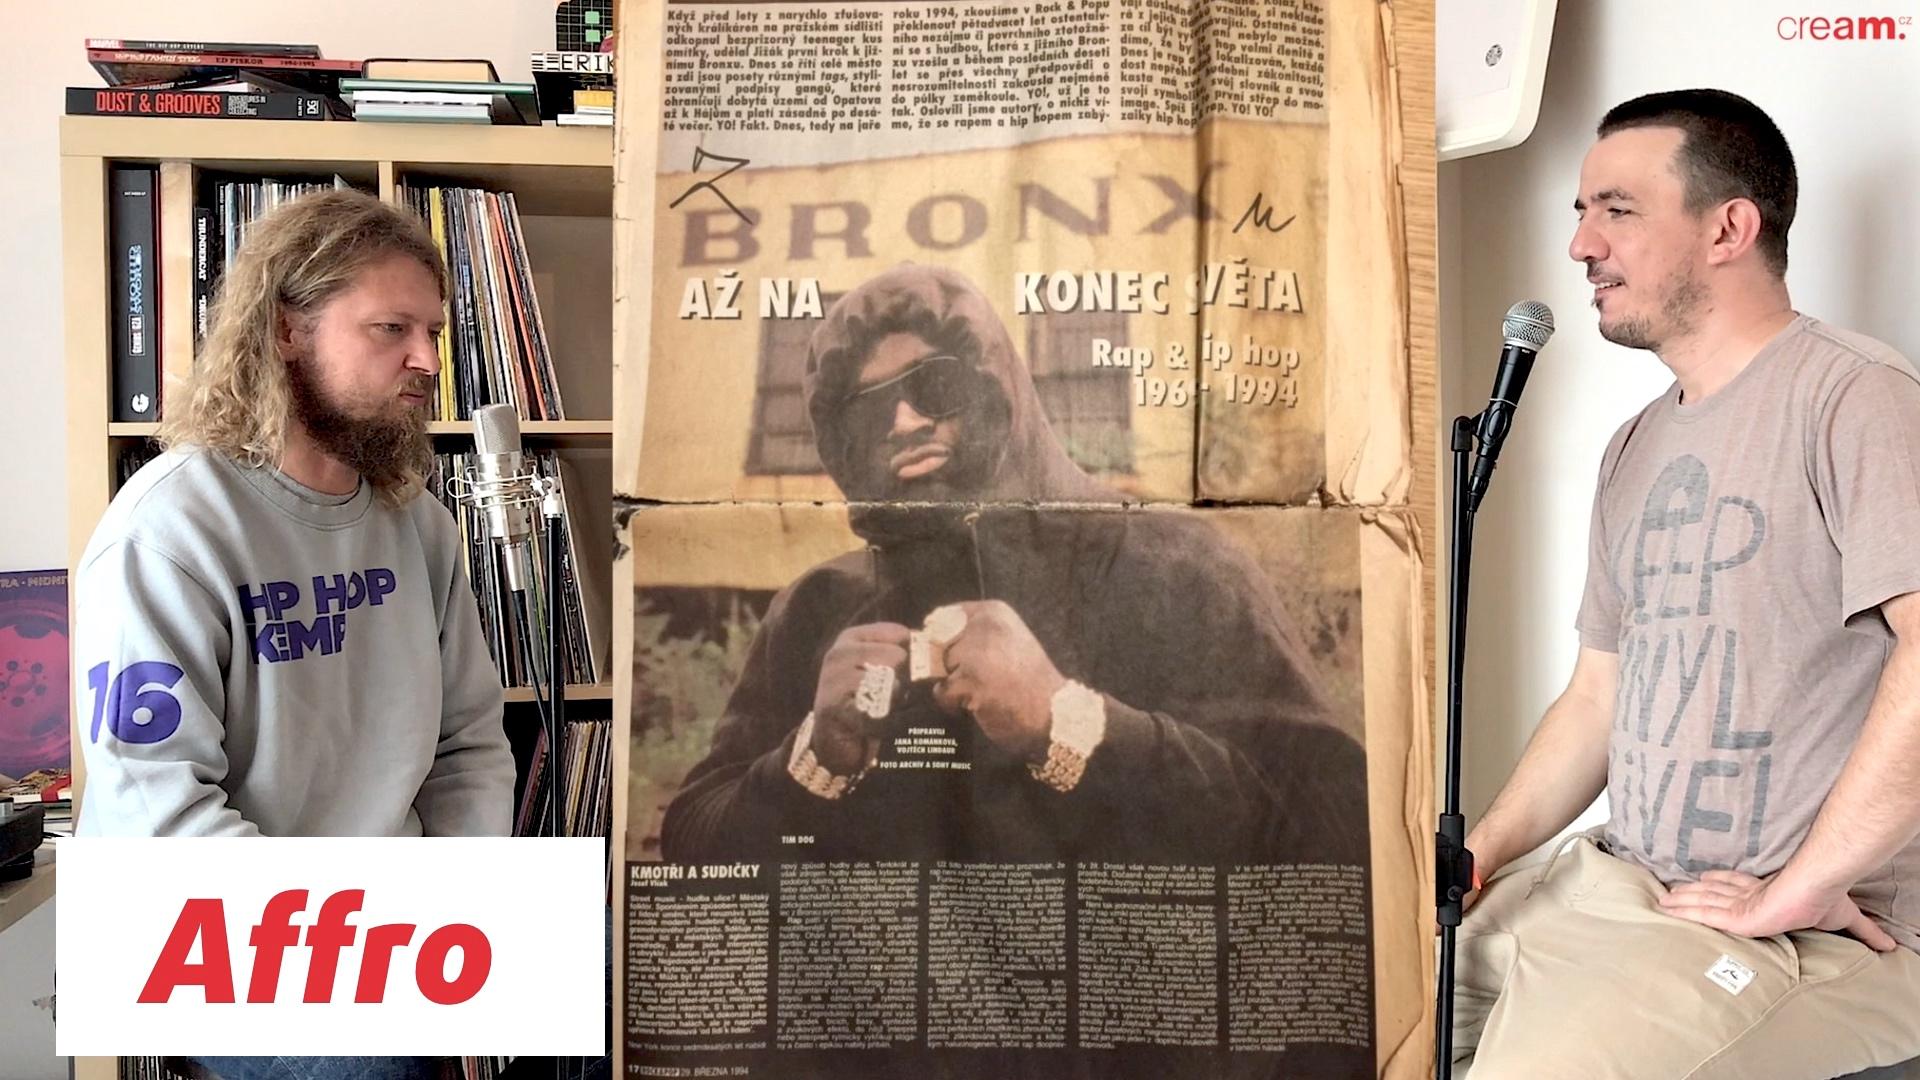 Affro – Dětství, první rap, Chaozz a vznik bbarak (díl 1)